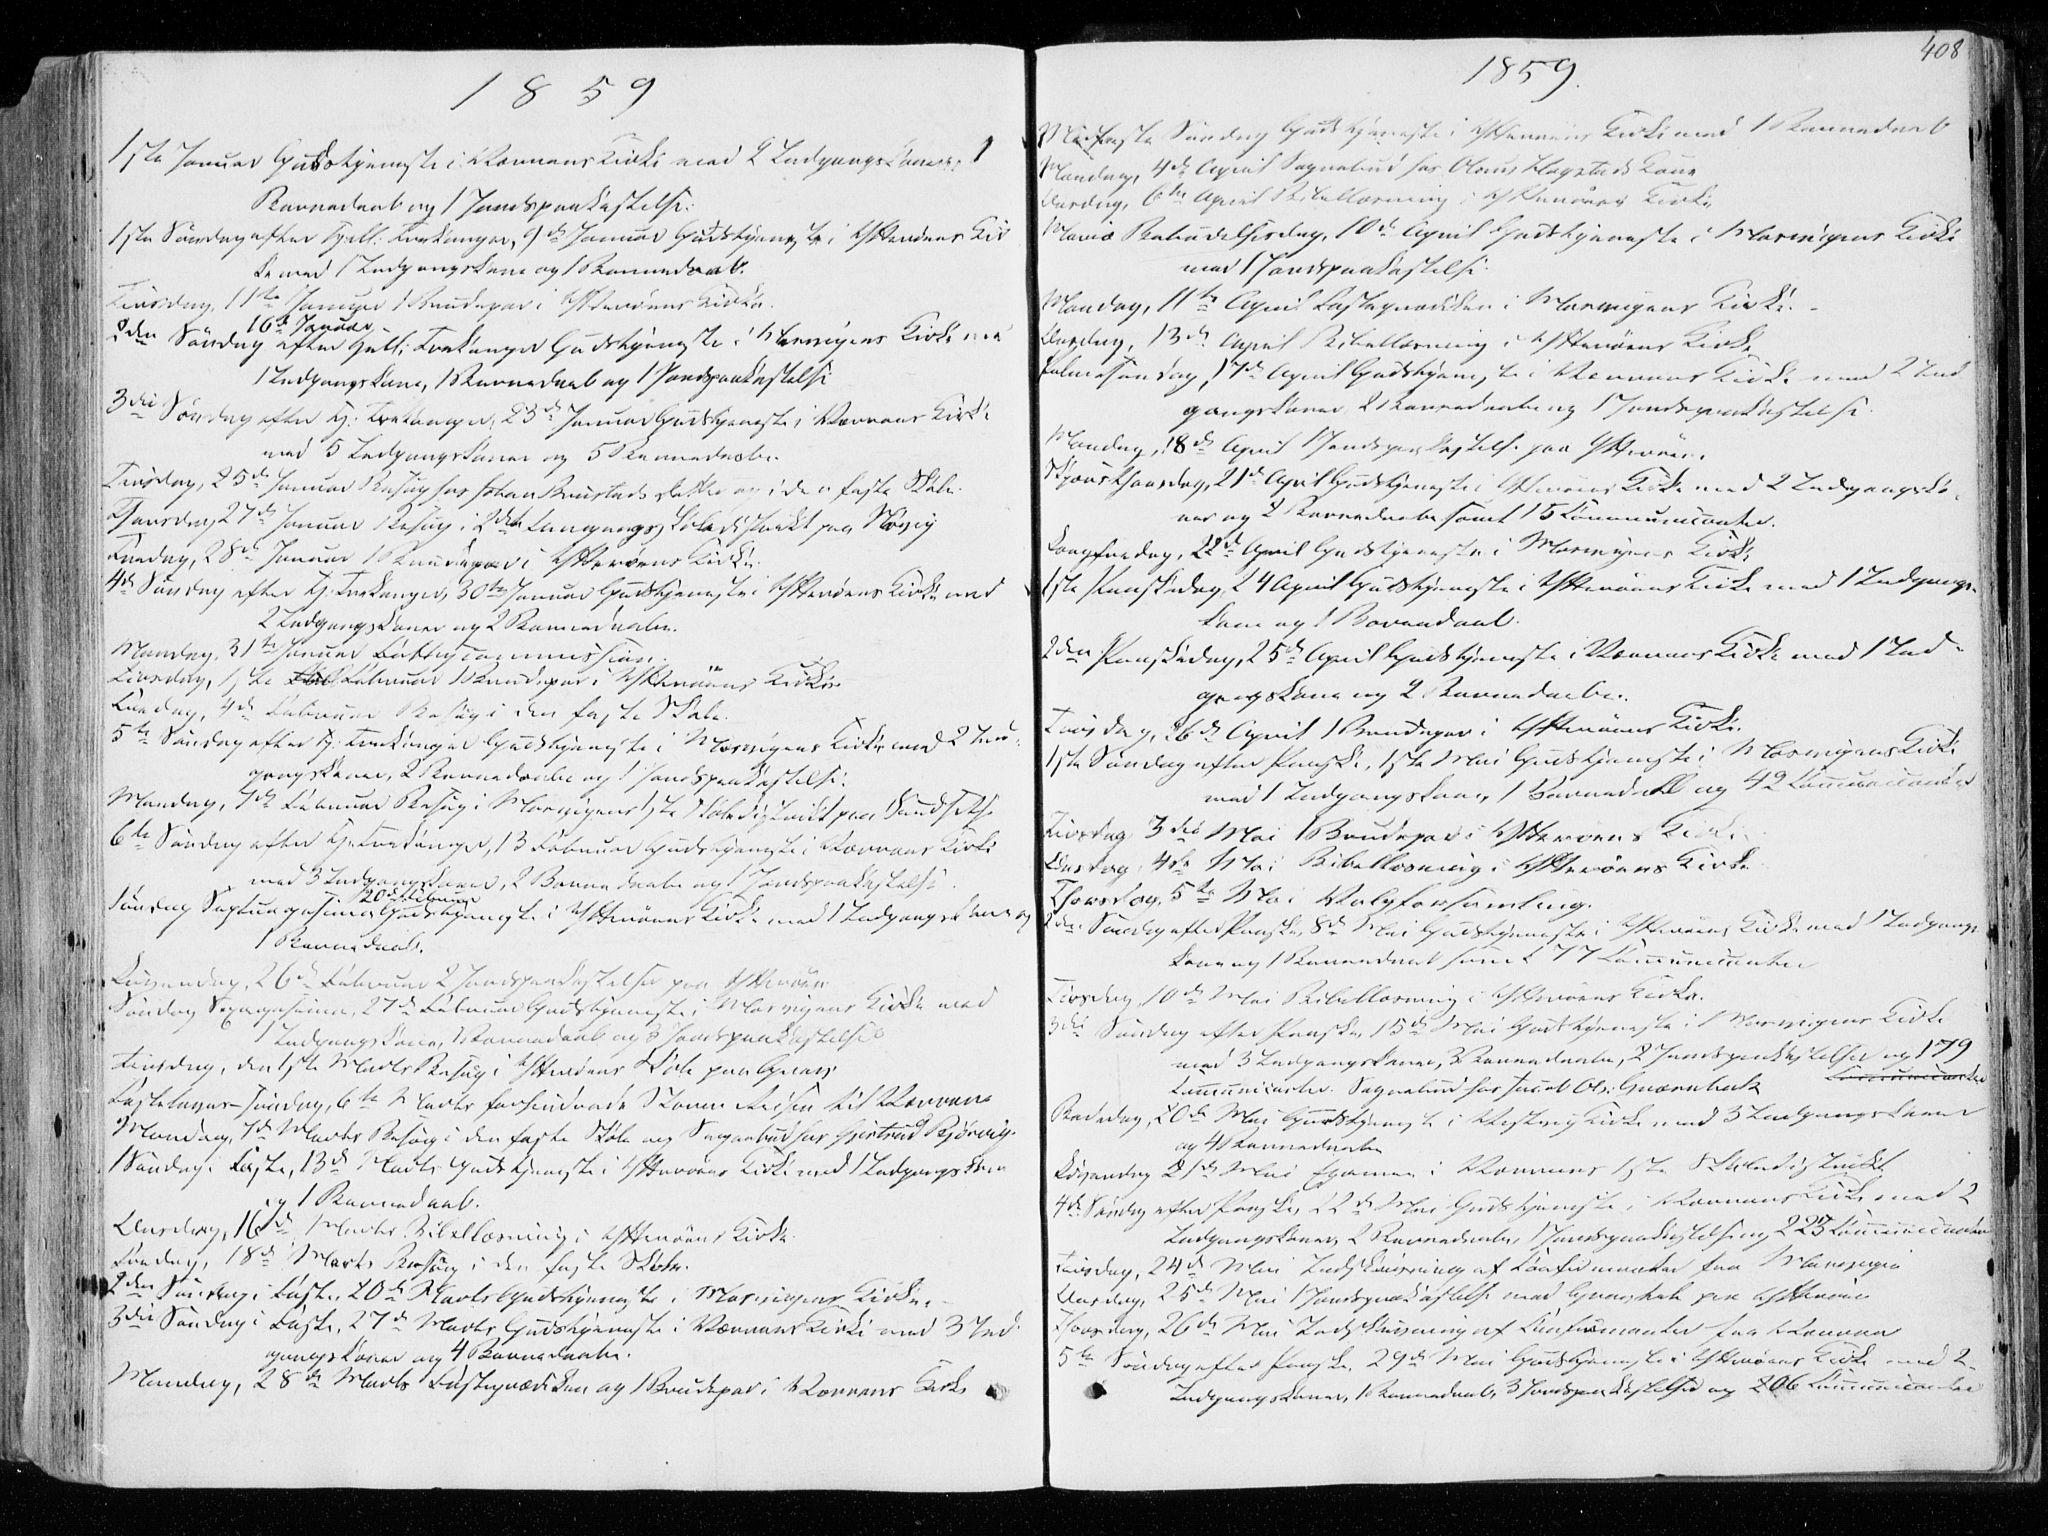 SAT, Ministerialprotokoller, klokkerbøker og fødselsregistre - Nord-Trøndelag, 722/L0218: Ministerialbok nr. 722A05, 1843-1868, s. 408